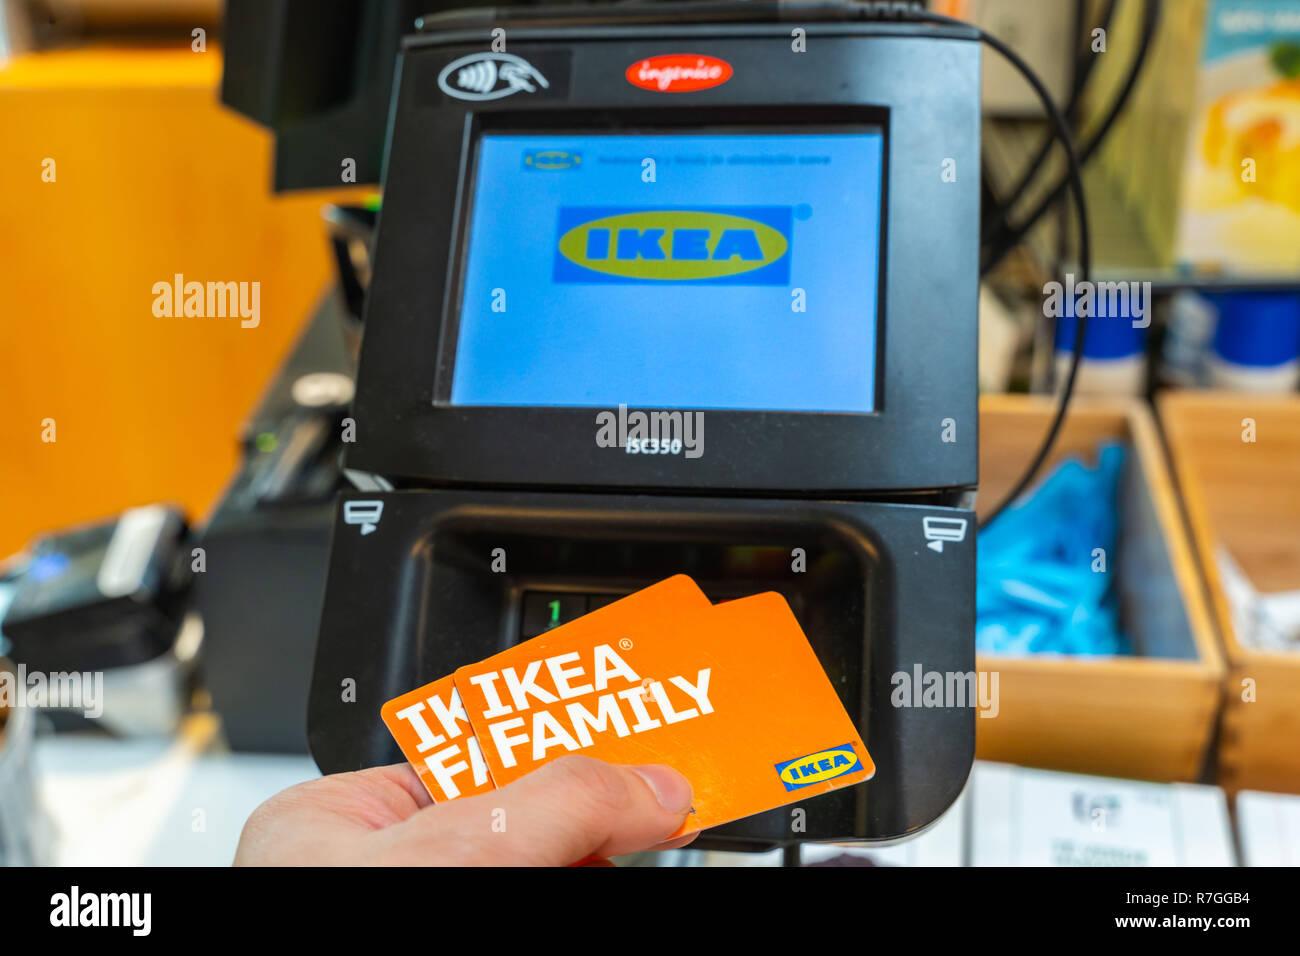 Ikea Espagne Carte.Valencia Espagne Decembre 09 2018 Magasin Ikea Lot En